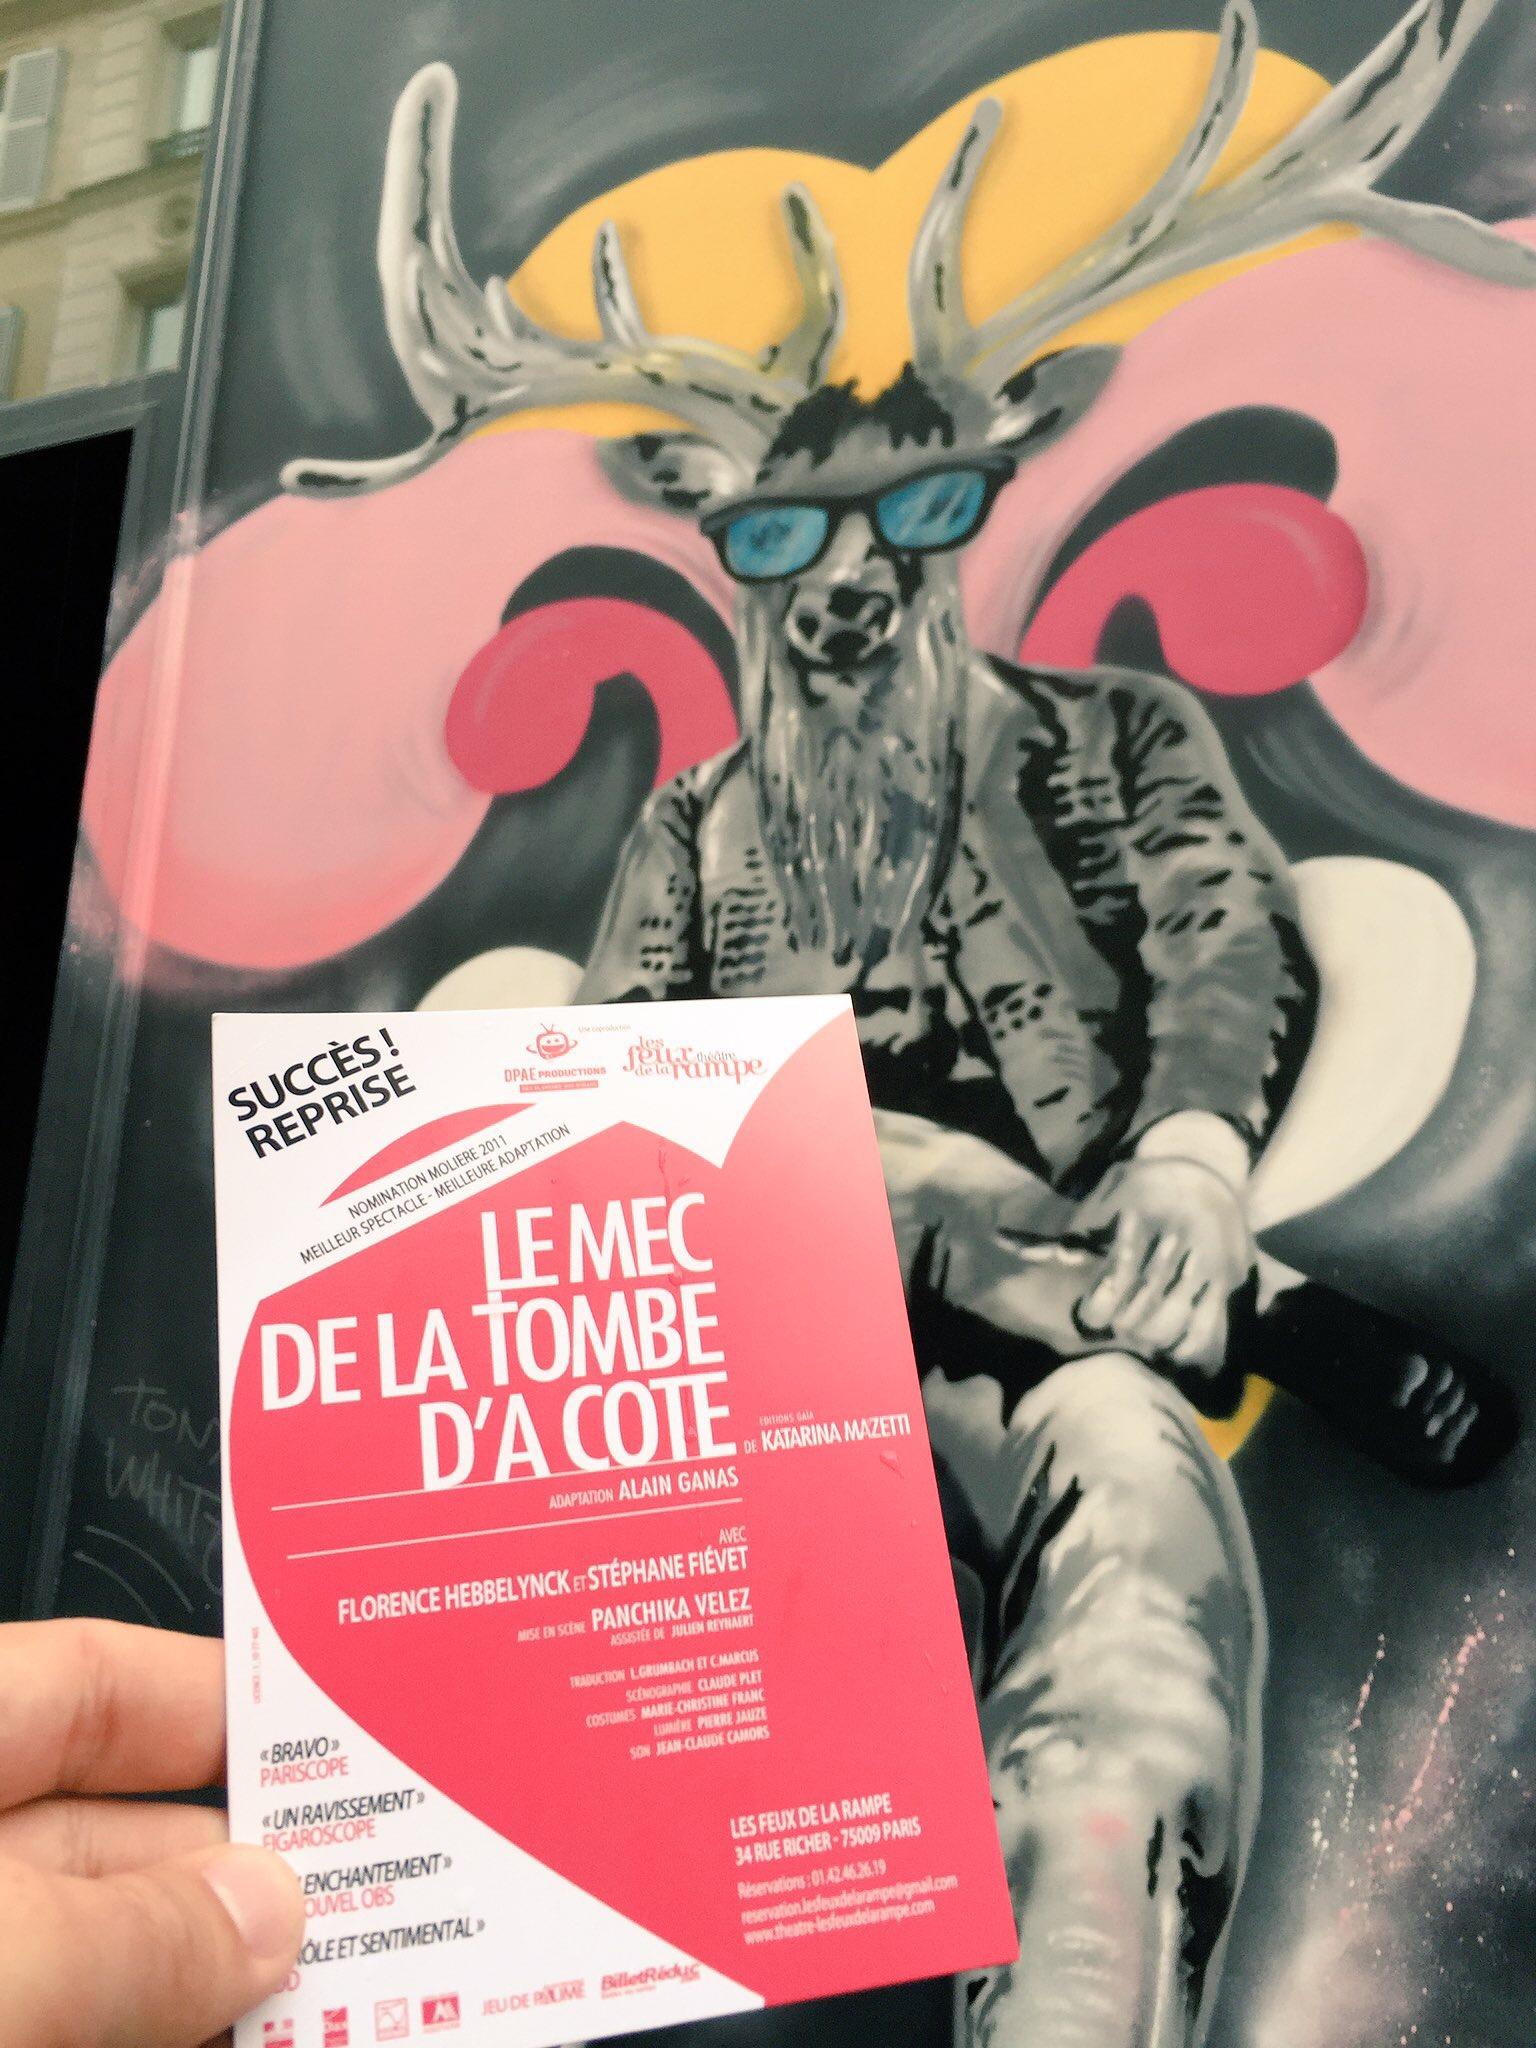 Le mec de la tombe d a coté Théâtre Les Feux de la Rampe Paris mise en scène Panchika Velez avec Florence Hebbelynck Stéphane Fievet affiche photo usofparis blog